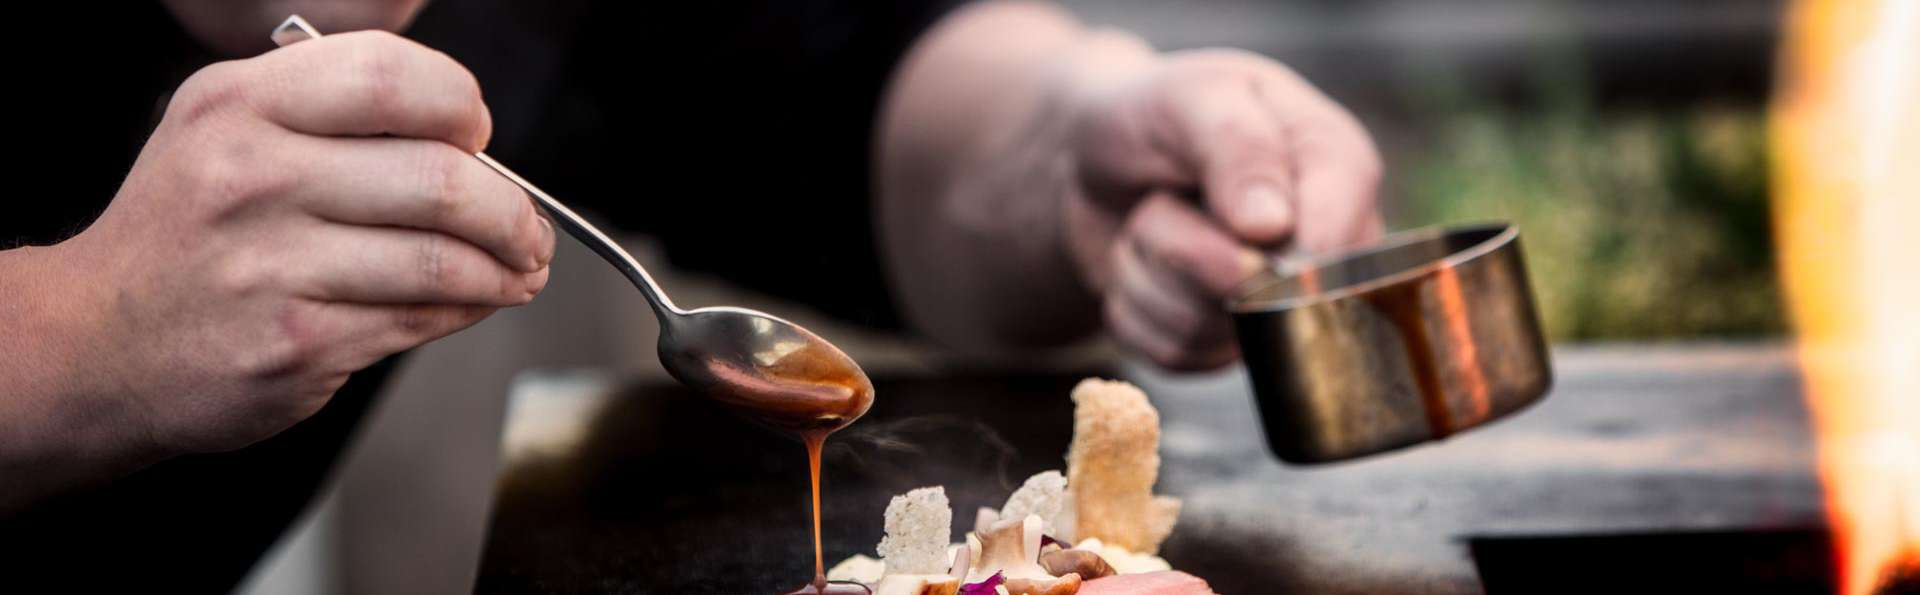 Profitez d'un séjour gastronomique au Guldenberg Hotel & Brasserie (à partir de 2 nuits)